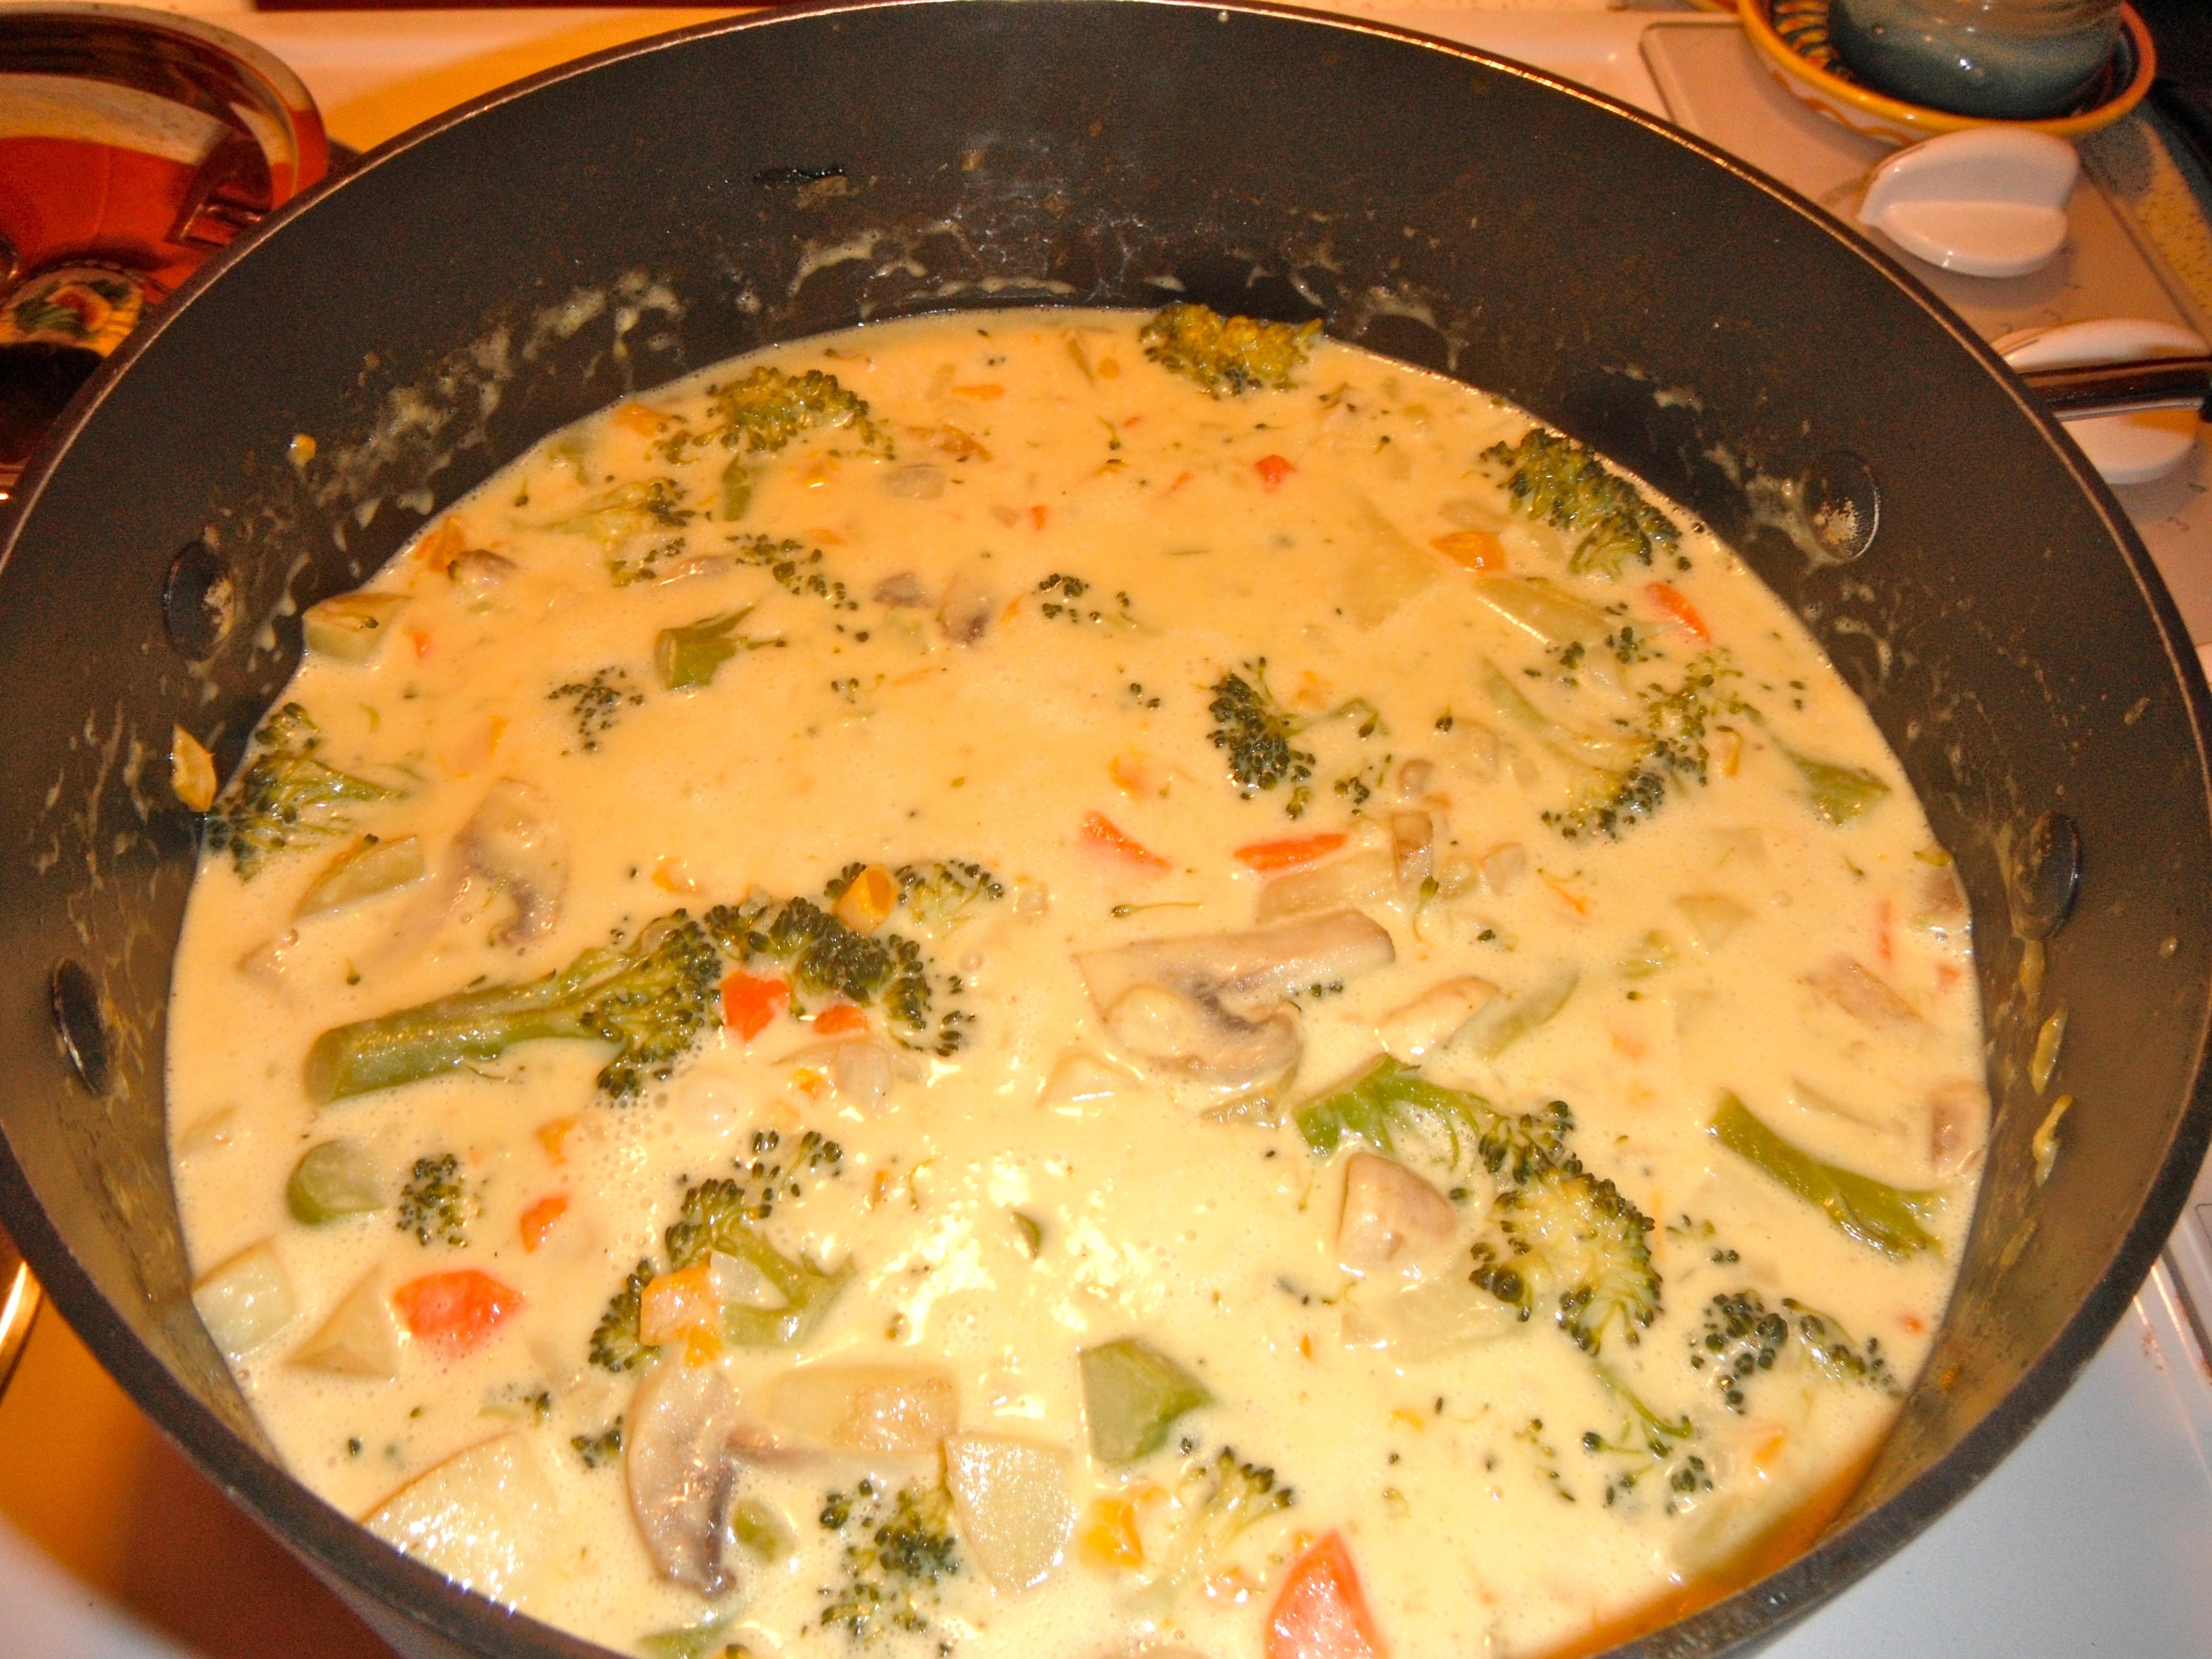 Potato Broccoli Soup  Potato and Broccoli Soup Recipe